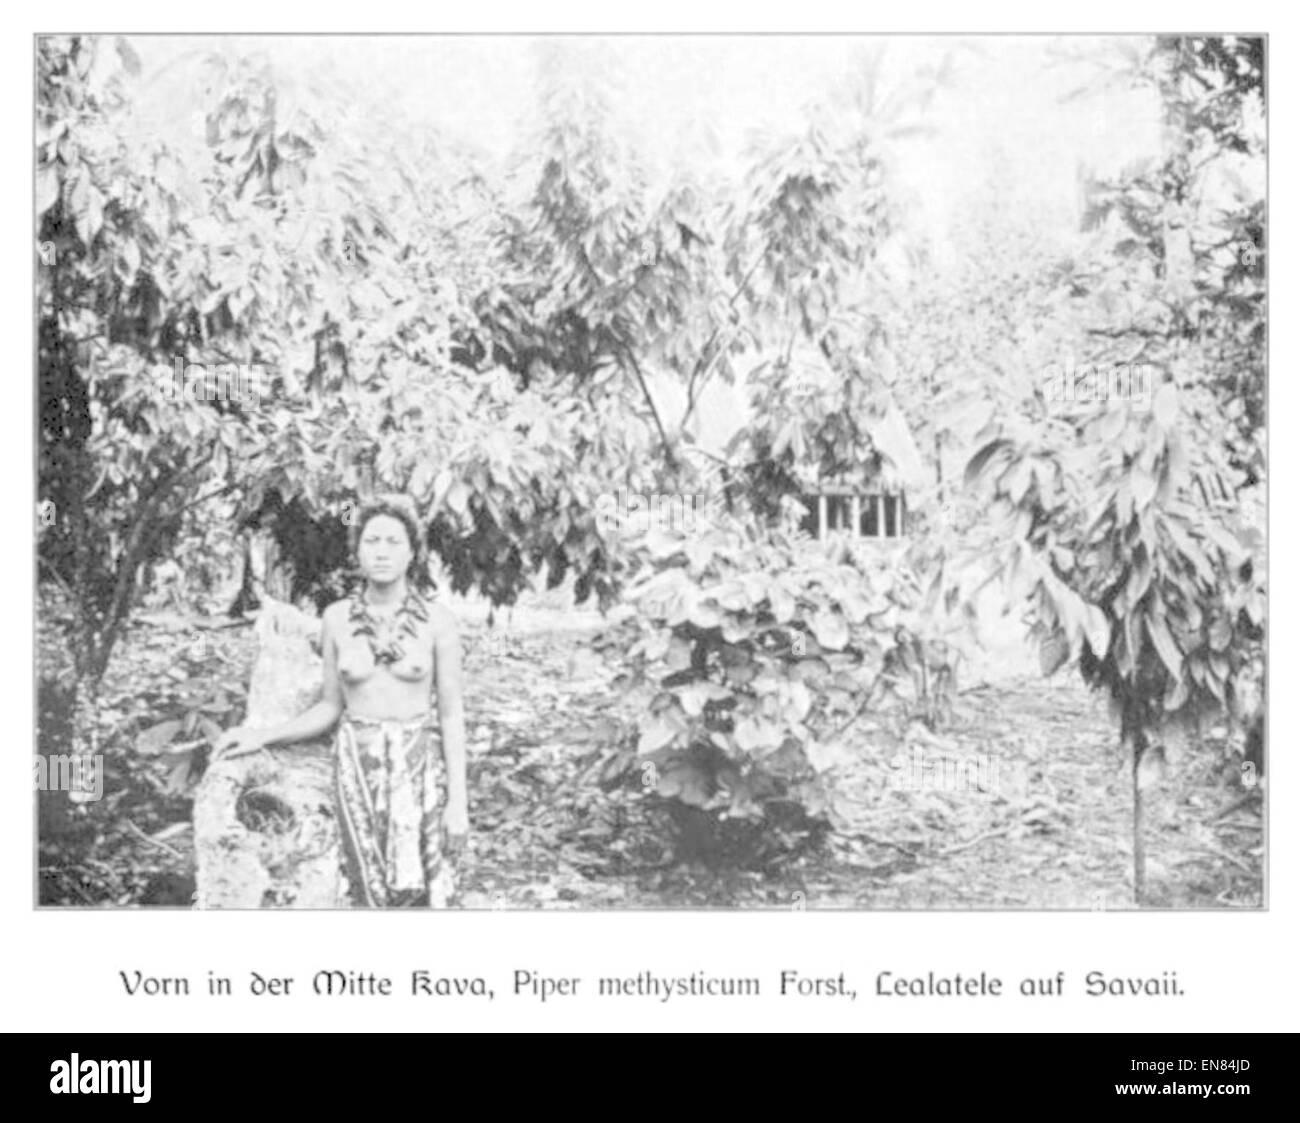 WOHLTMANN(1904) p117 Versuchsanbau auf der Insel Savaii - Stock Image